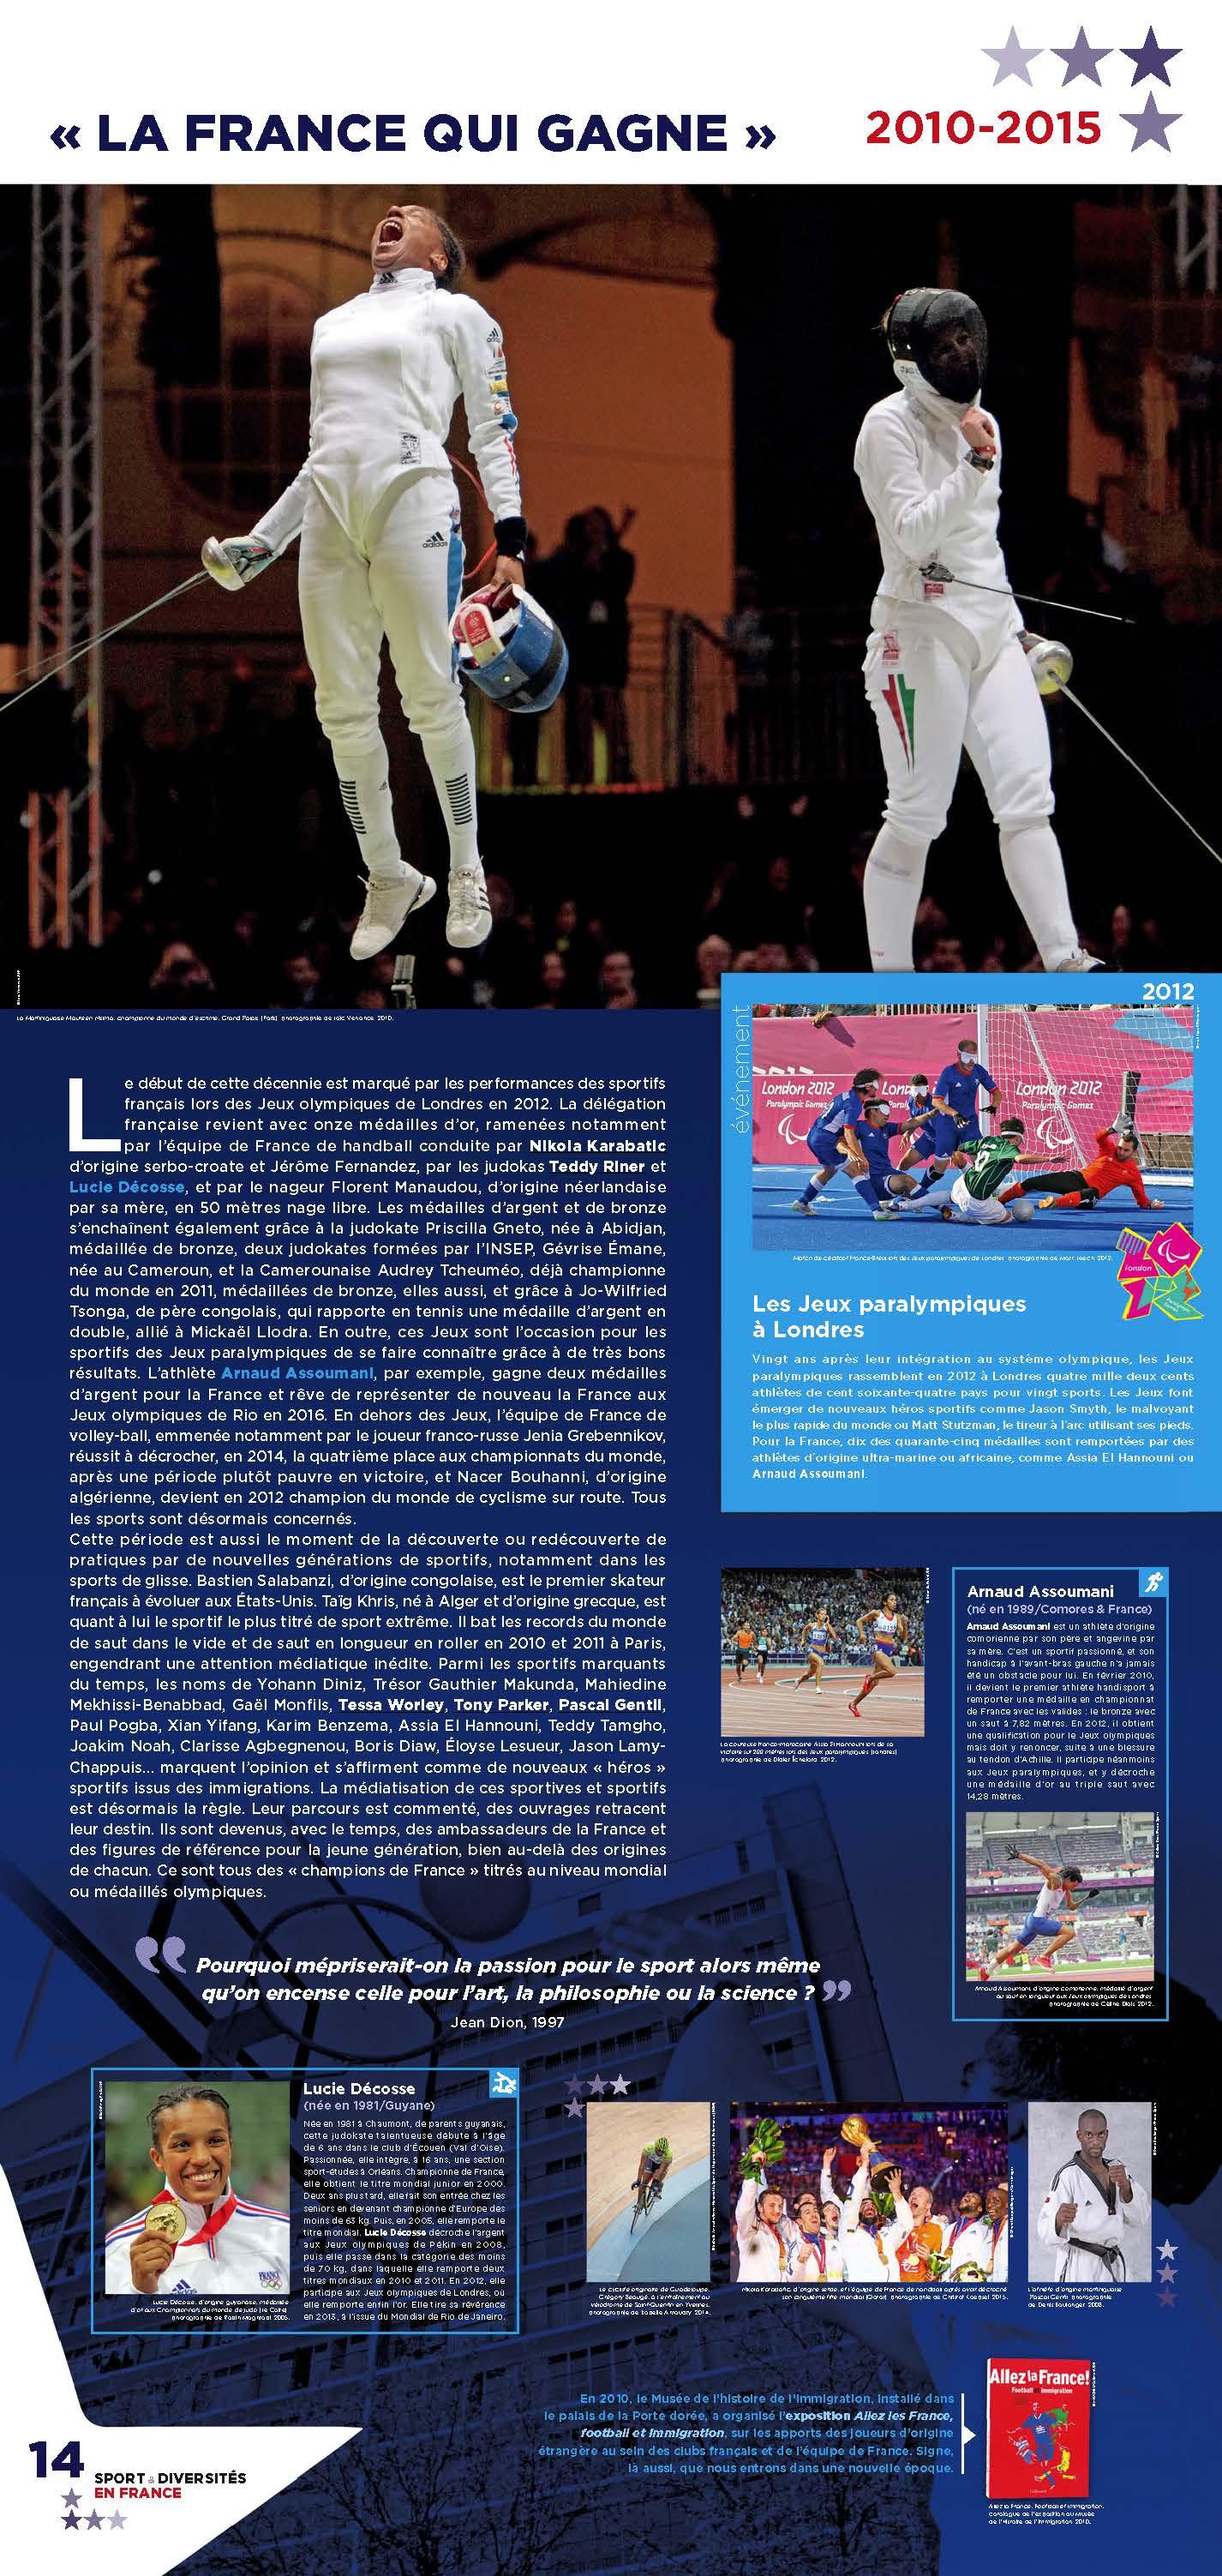 Sports et diversites_Panneau_14